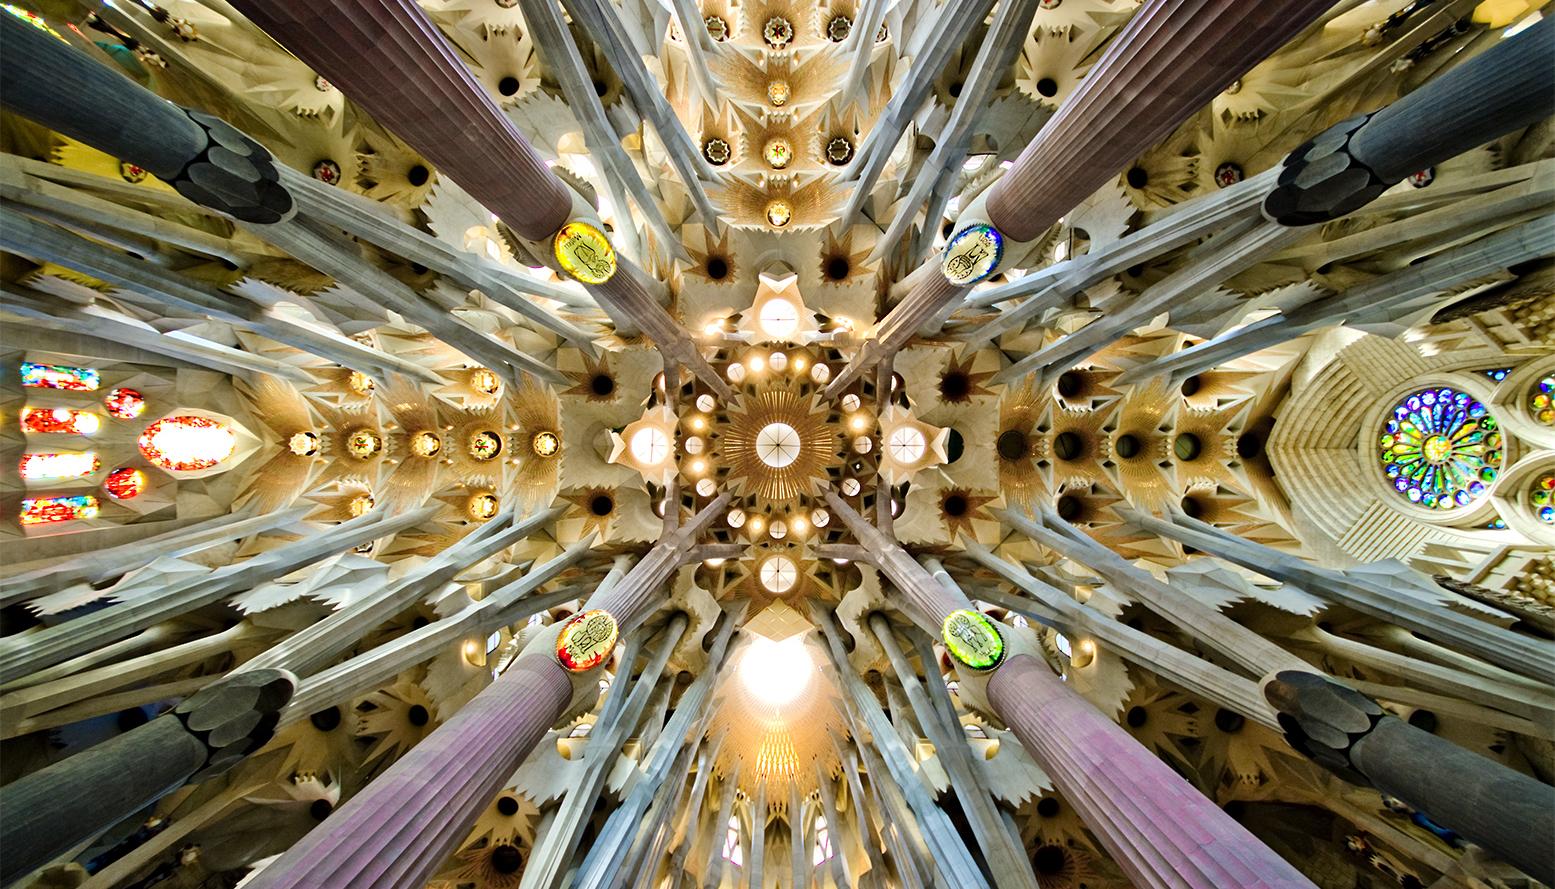 Sagrada antoni gaudi details architecture - Sagrada familia interieur ...